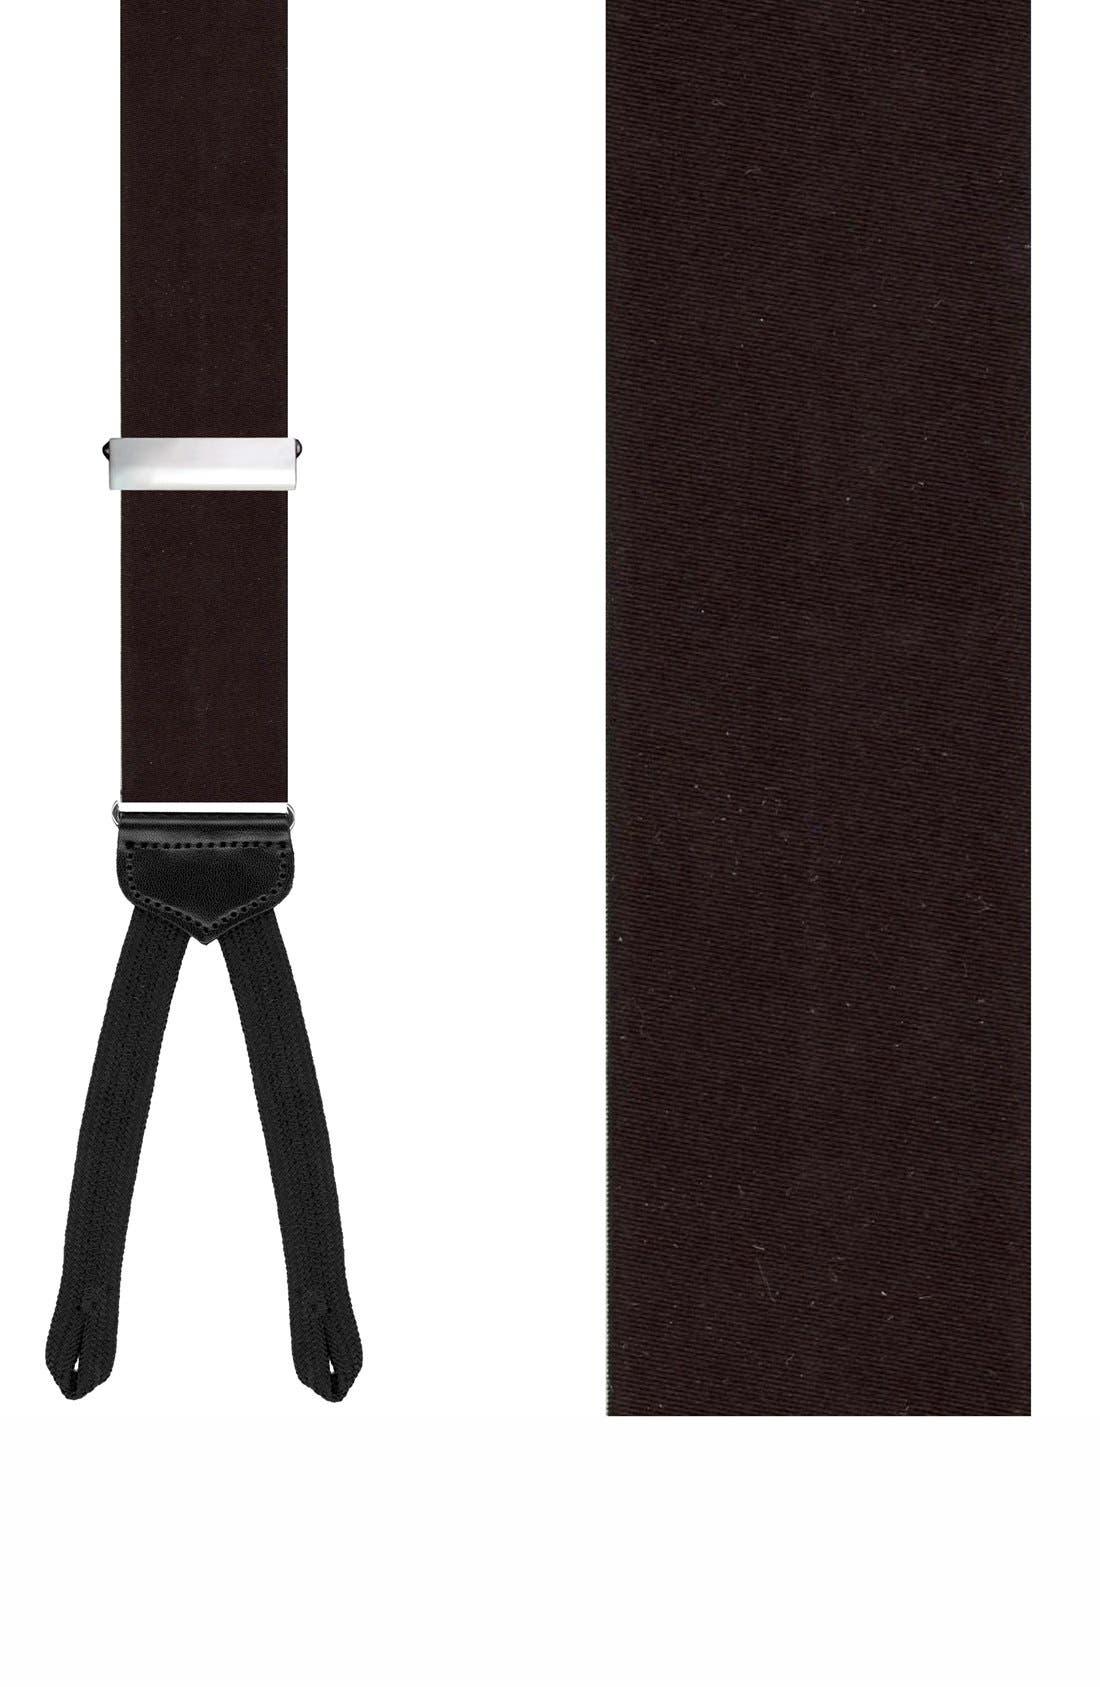 TRAFALGAR Kington II Silk Suspenders